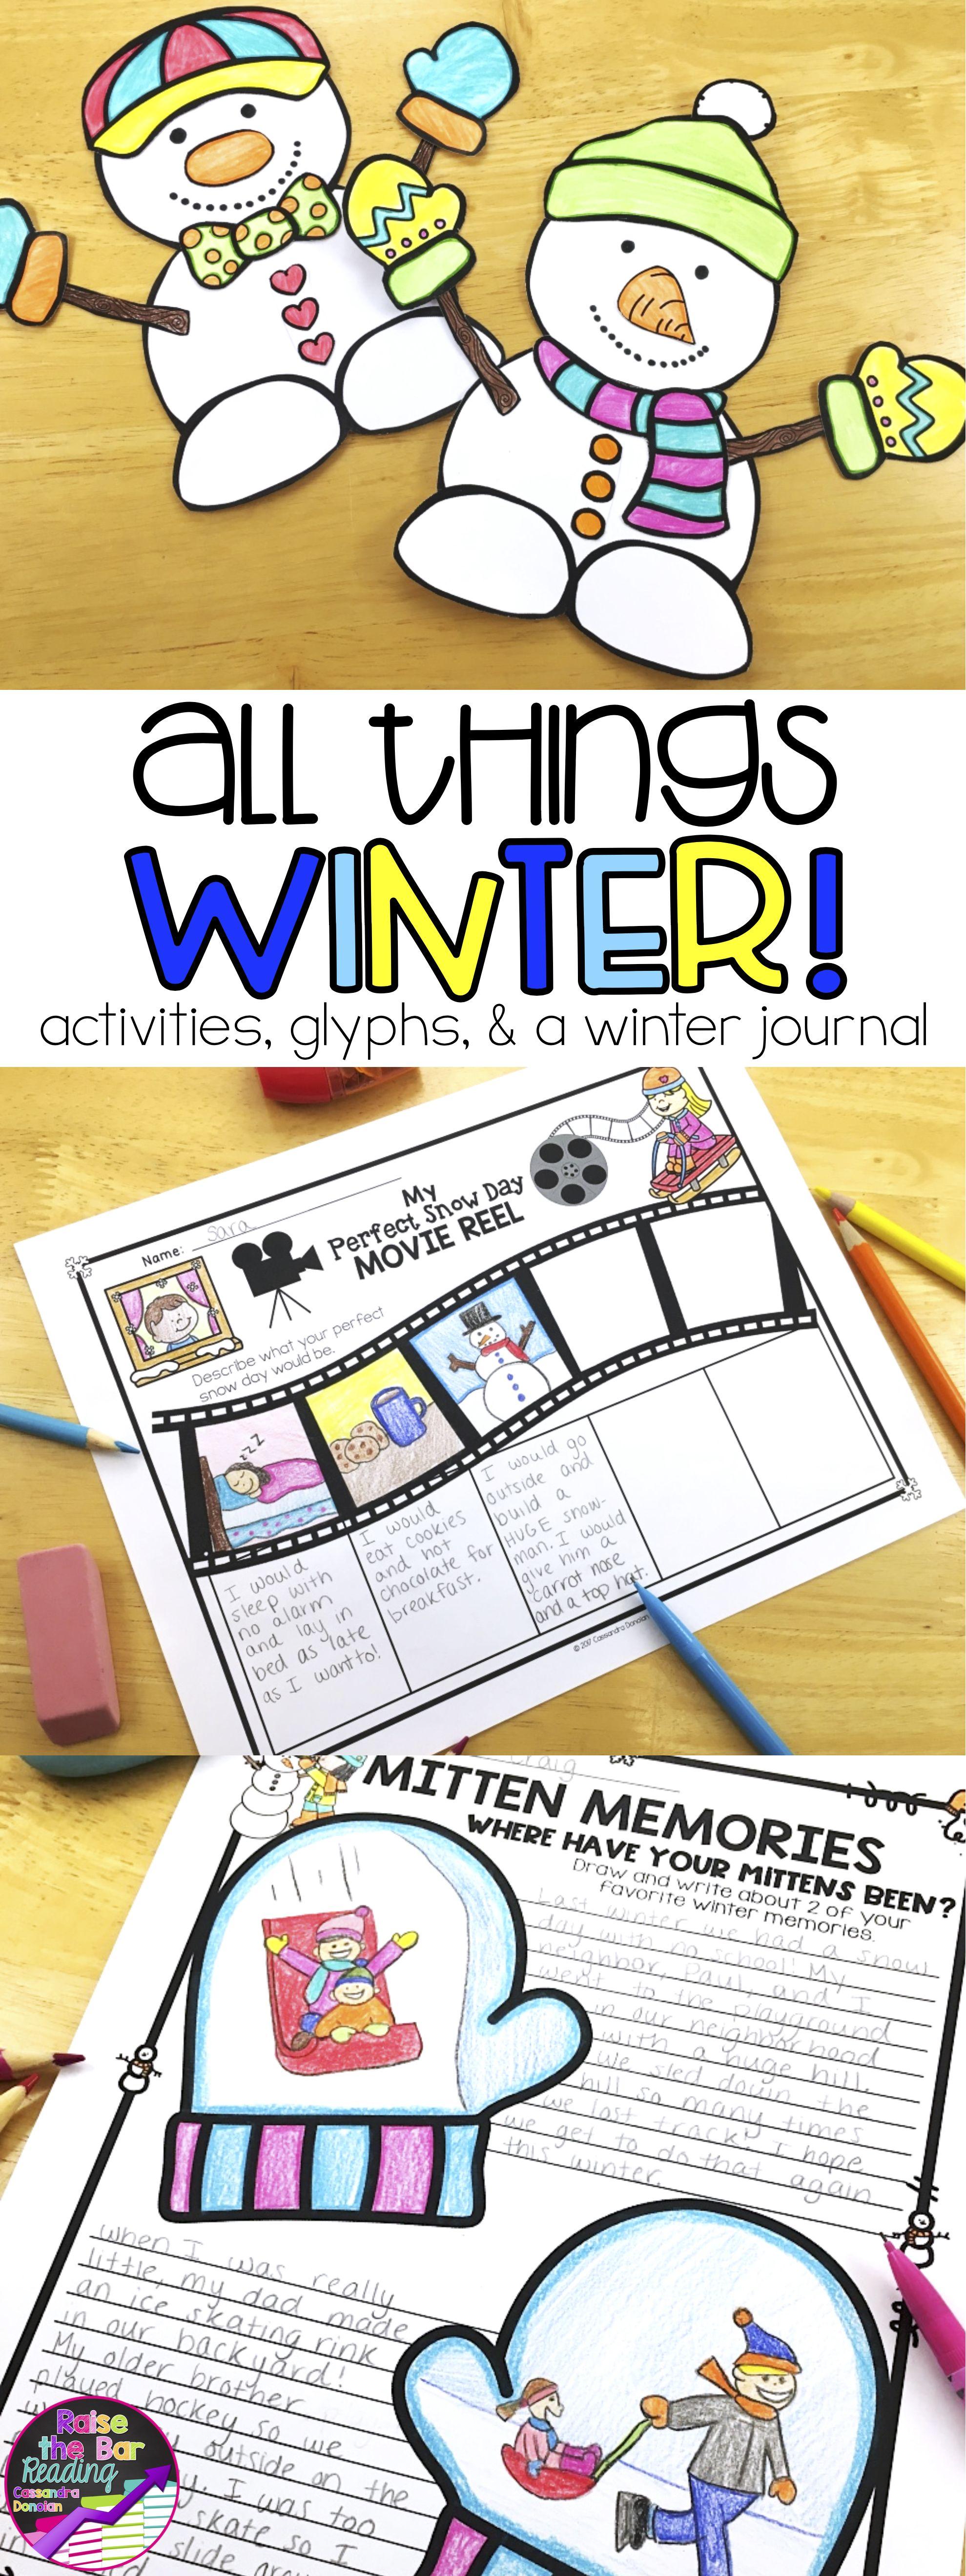 Winter Activities Winter Glyphs Winter Writing Prompts